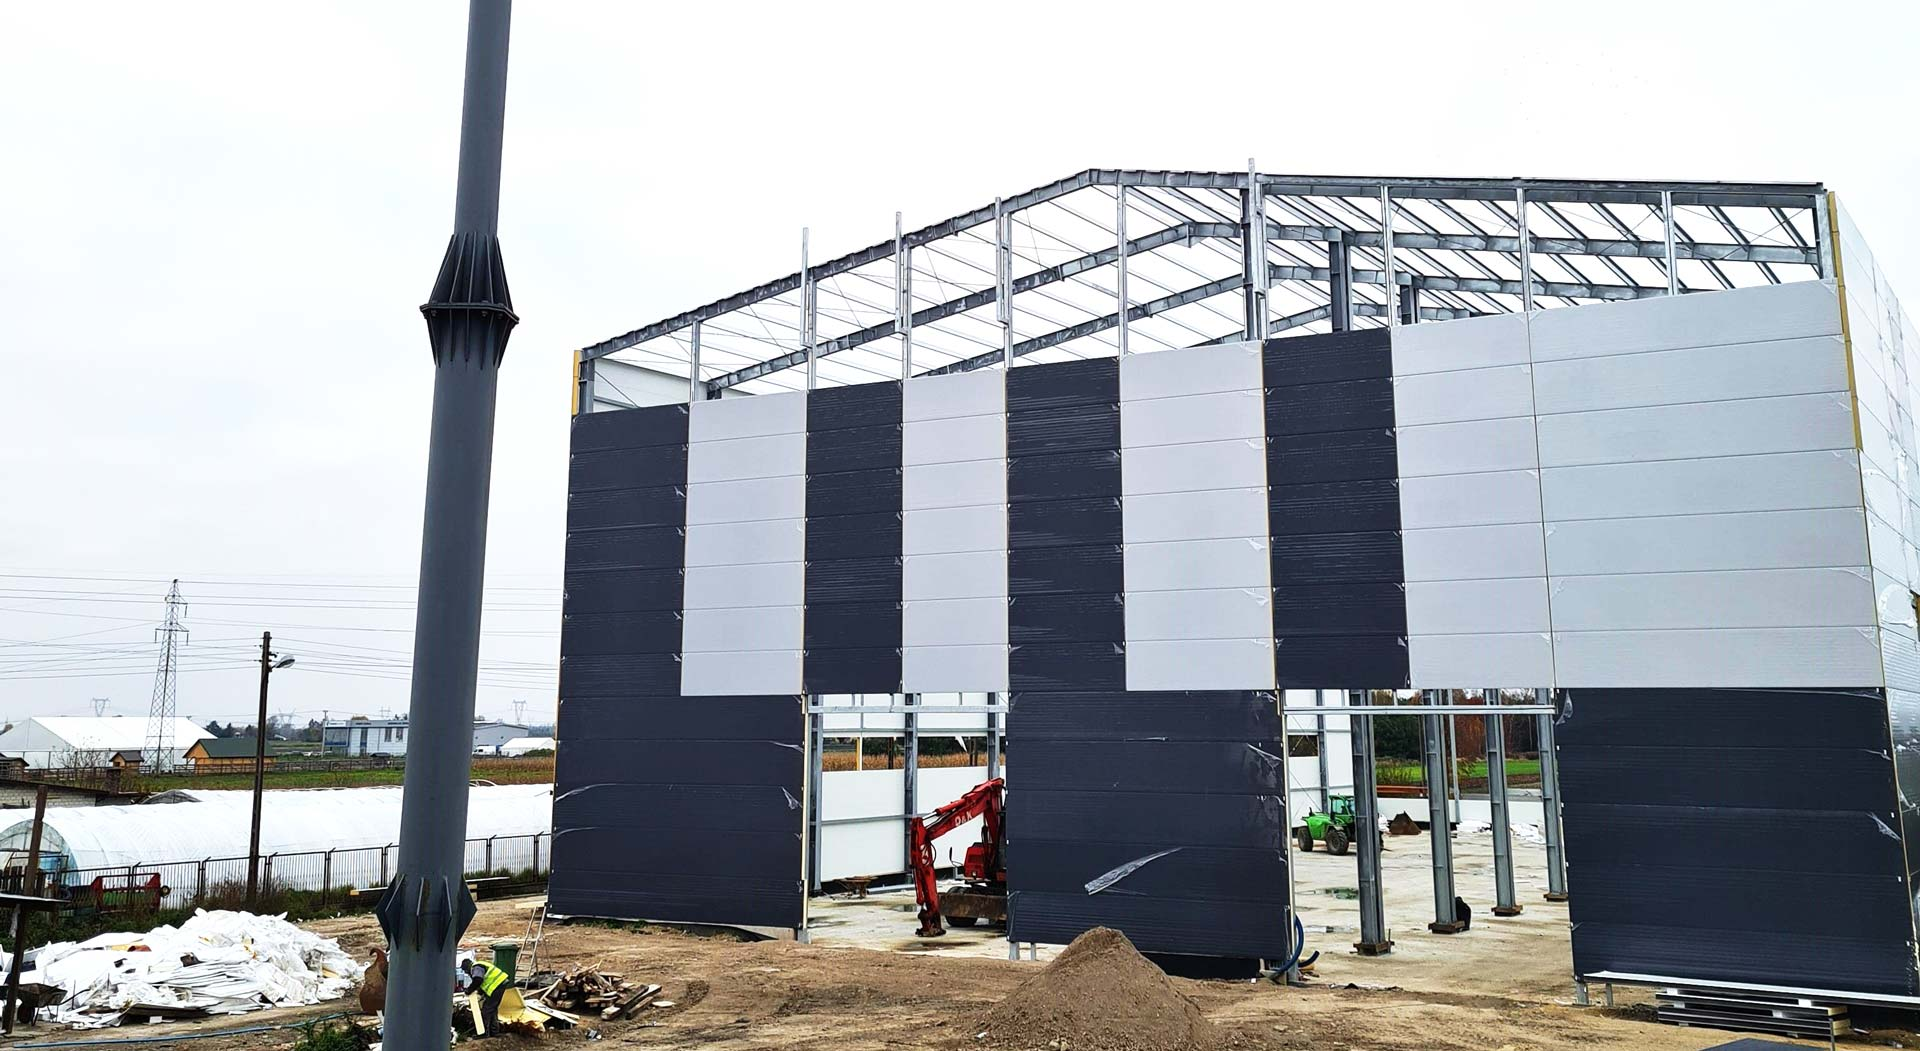 budowa hali produkcyjnej amargo producent zbiorników bezciśnieniowych z tworzyw sztucznych termoplastycznych magazynowe na wodę